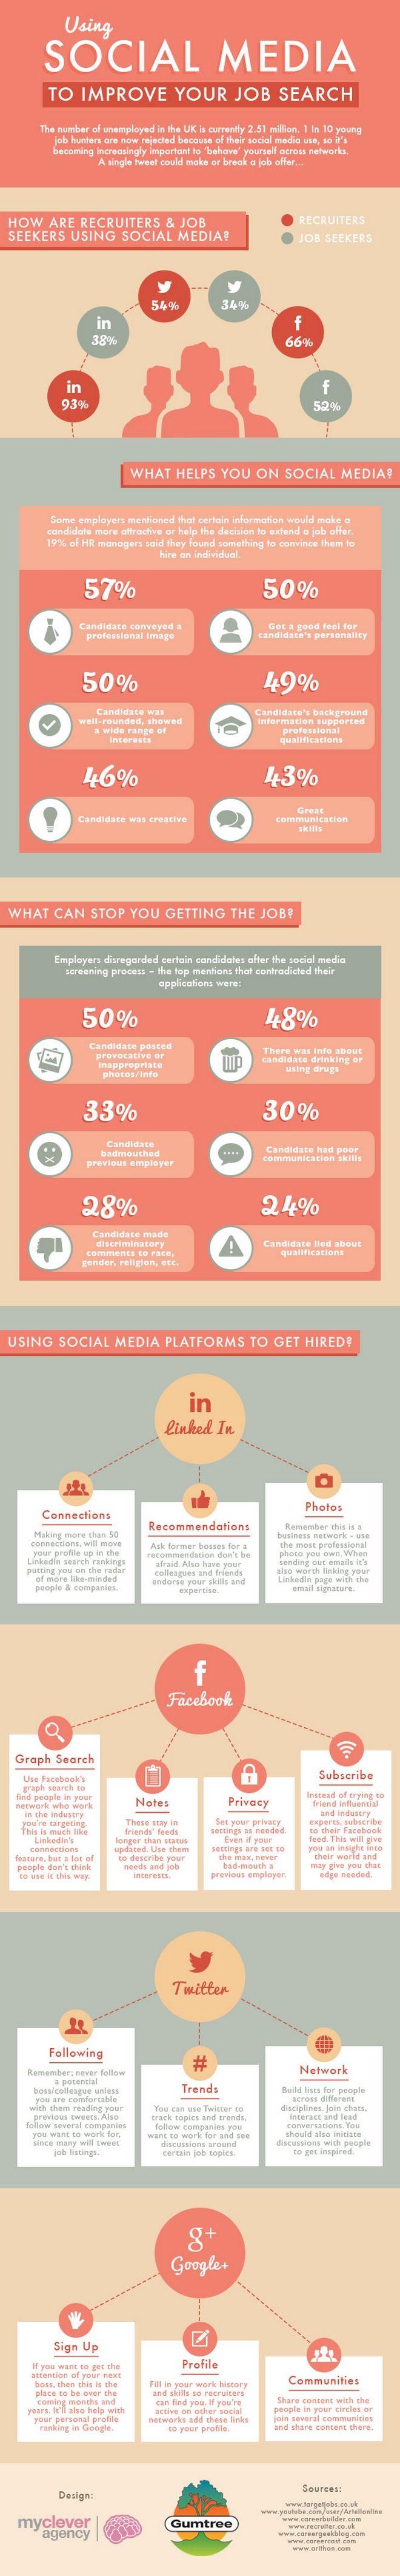 Τα social media στην αγορά εργασίας: Τι θέλουν οι εργοδότες, τι απορρίπτουν